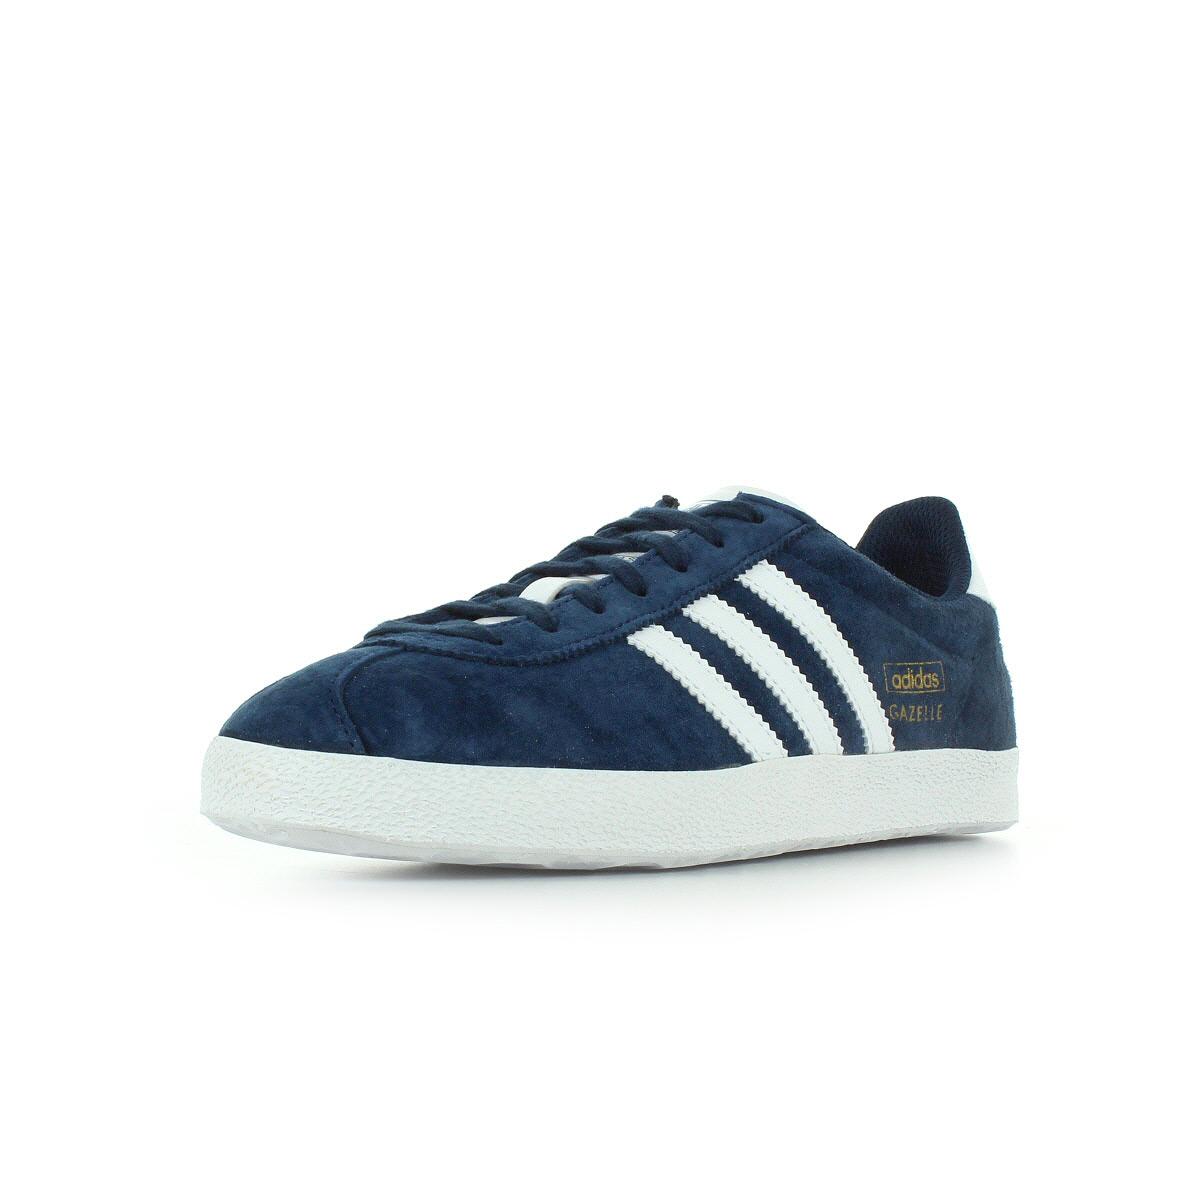 chaussure adidas homme prix tunisie